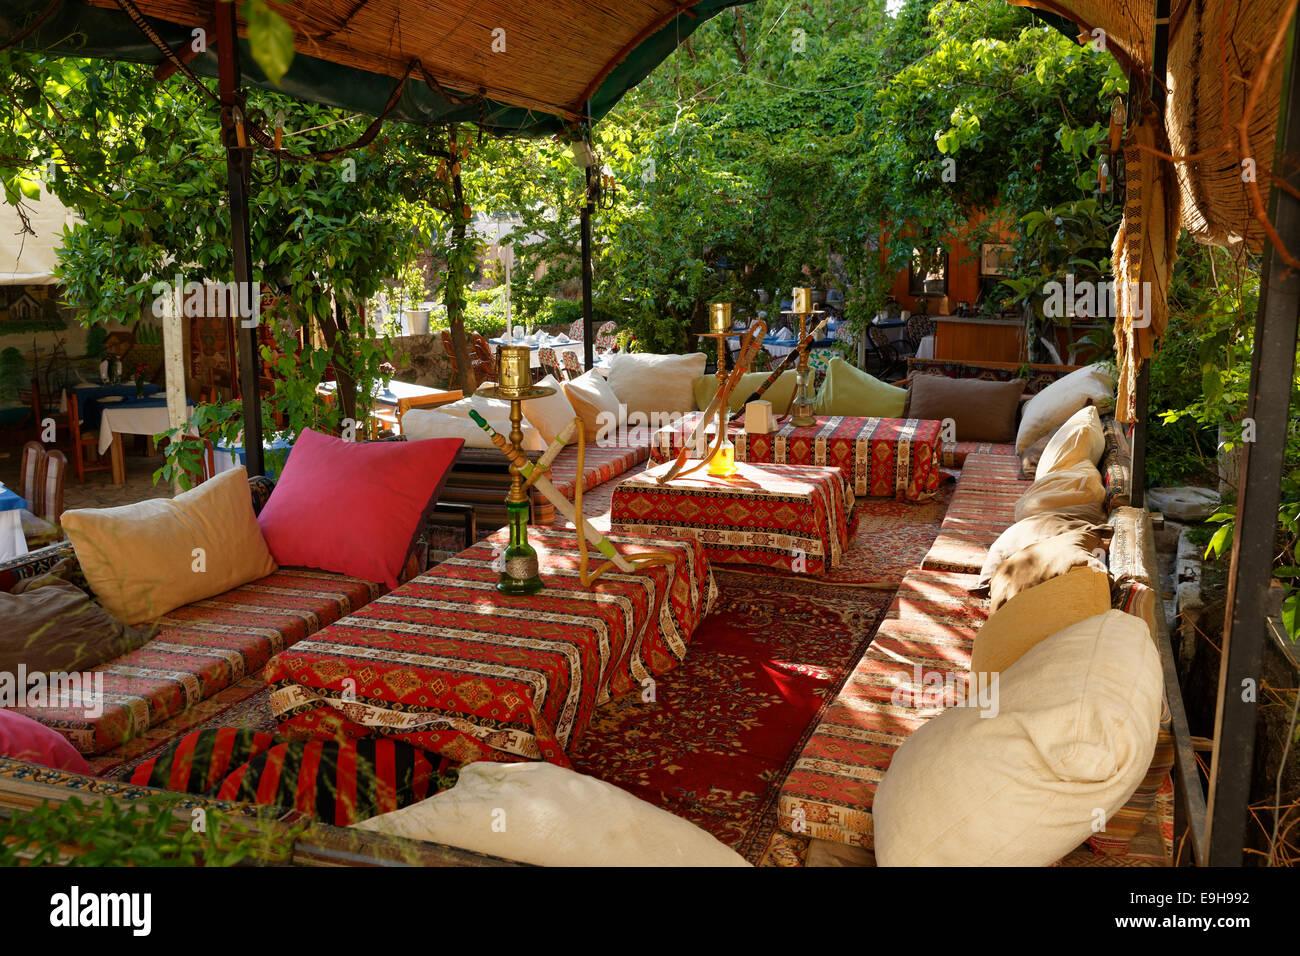 Shisha Cafe, Kaleiçi, Antalya, Antalya Province, Turkey - Stock Image